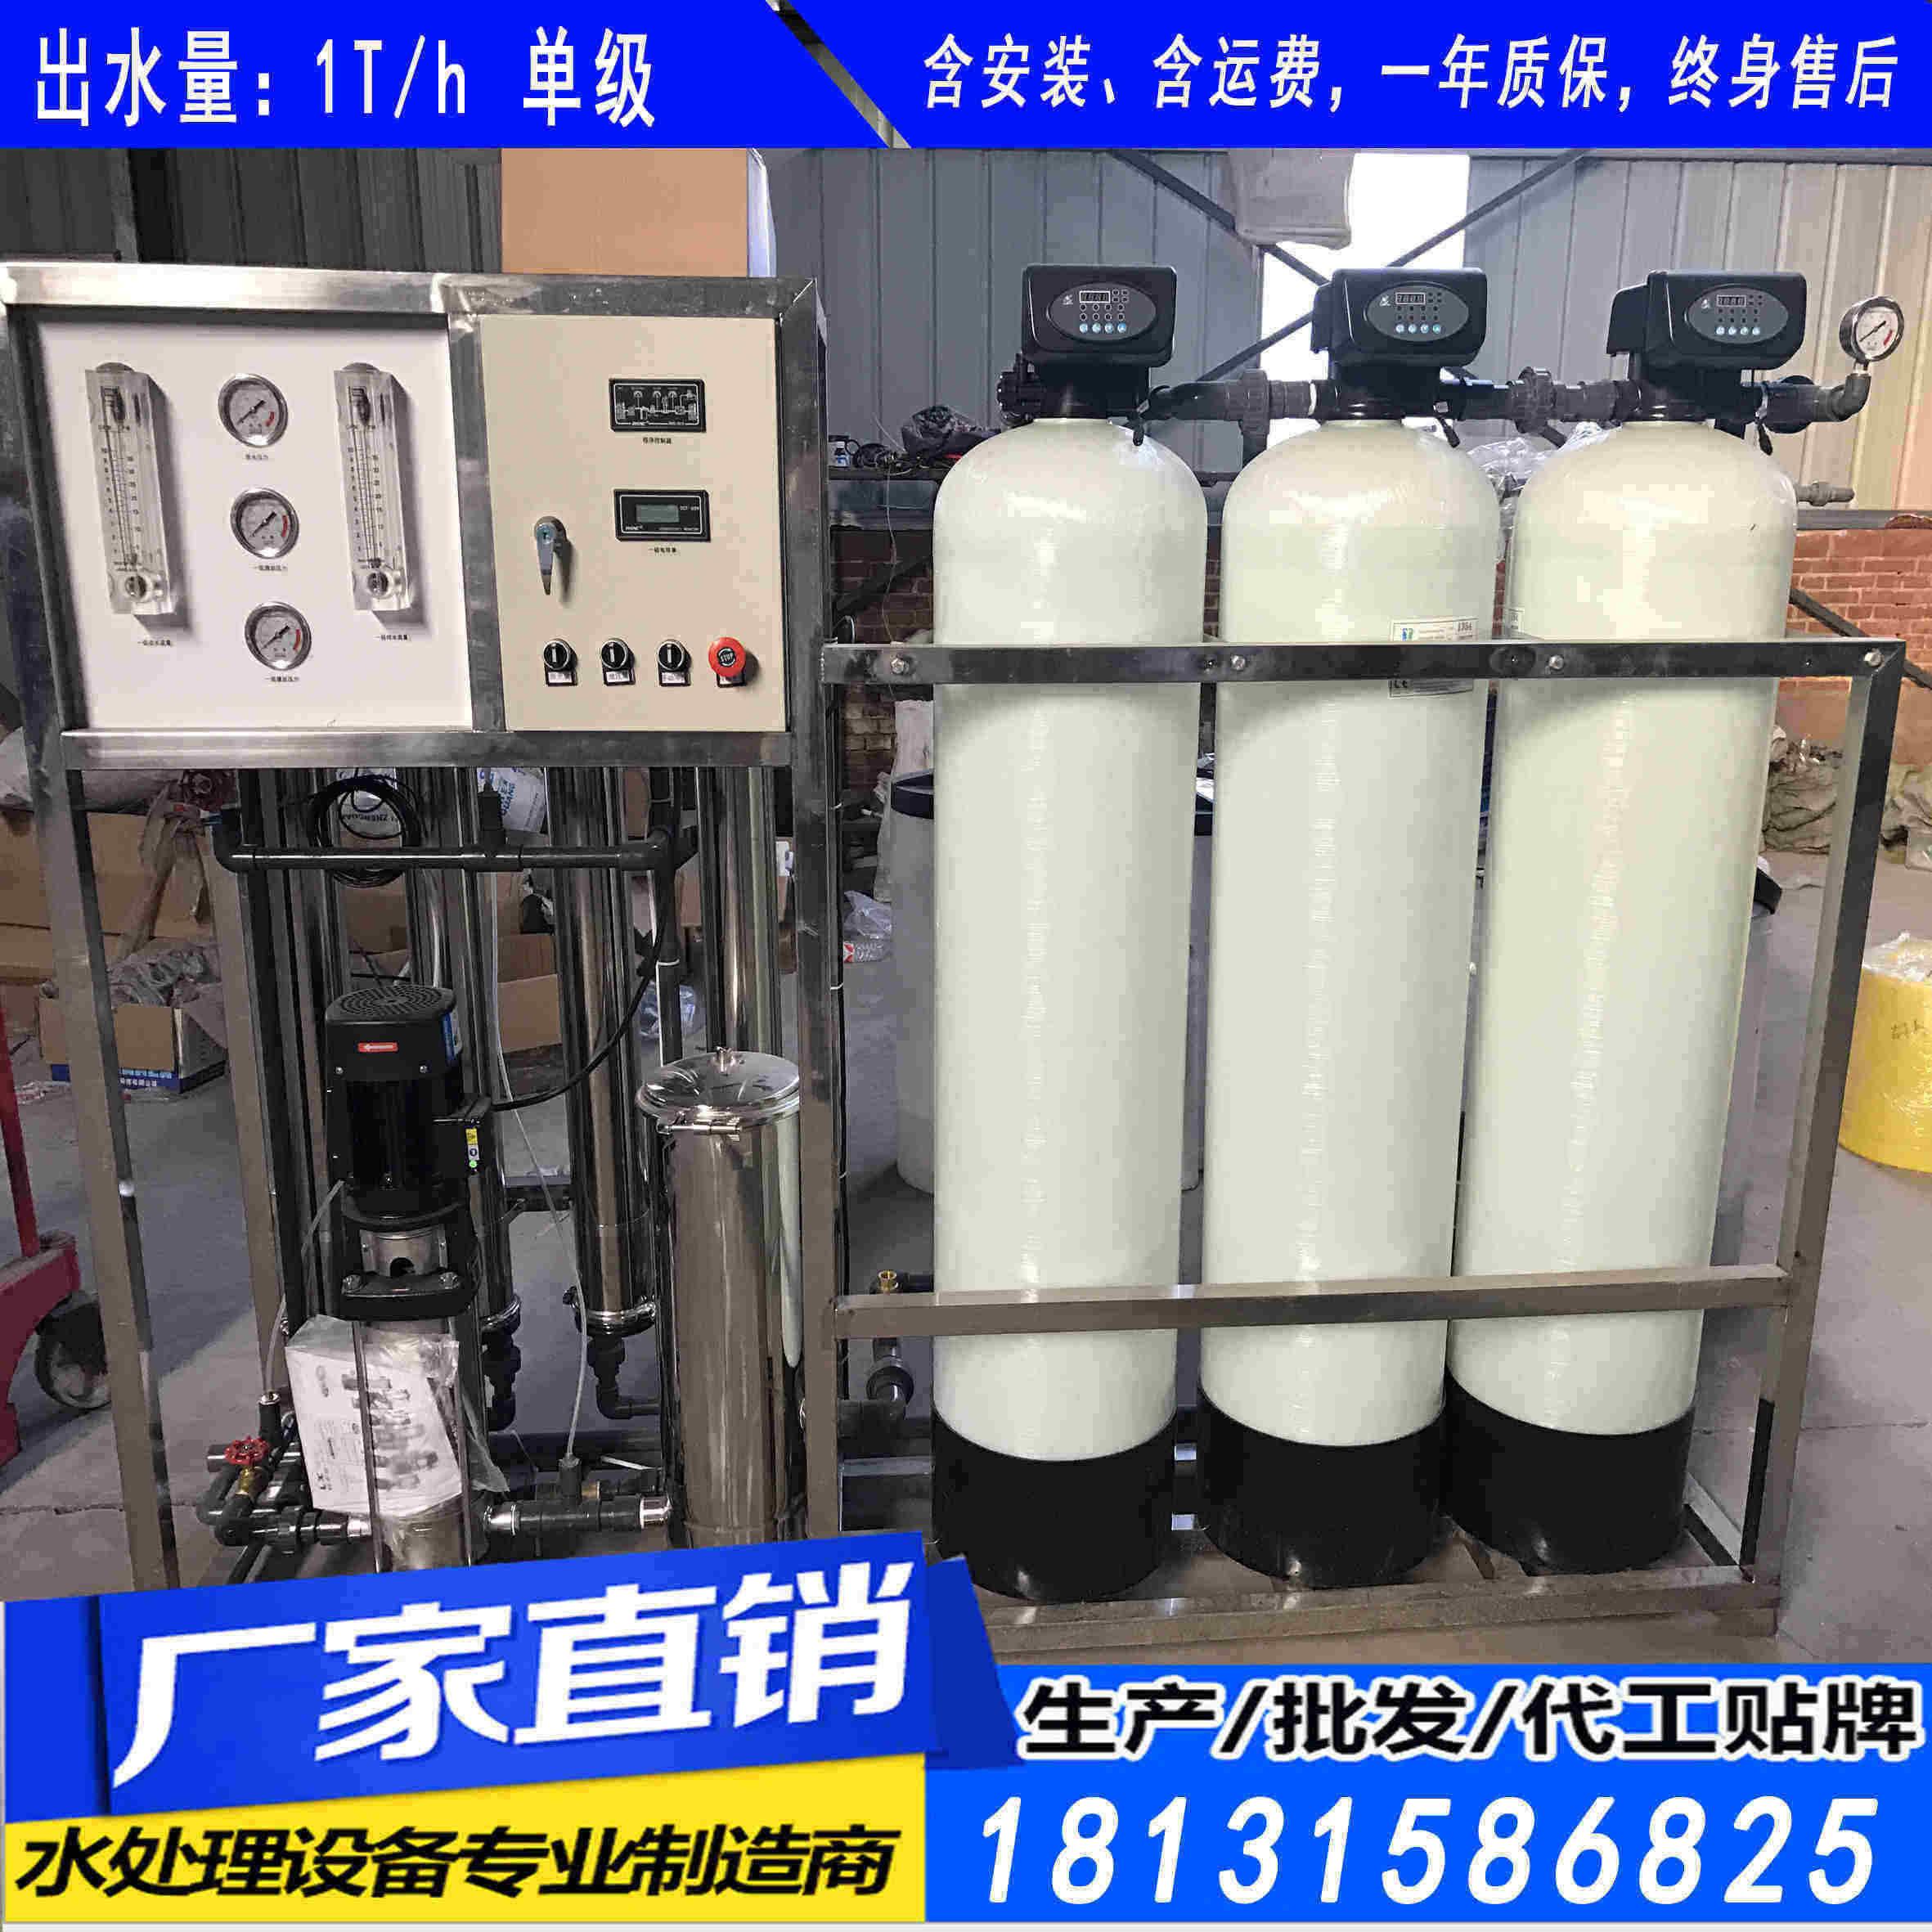 唐山玉田有哪些生产软化水设备的厂家